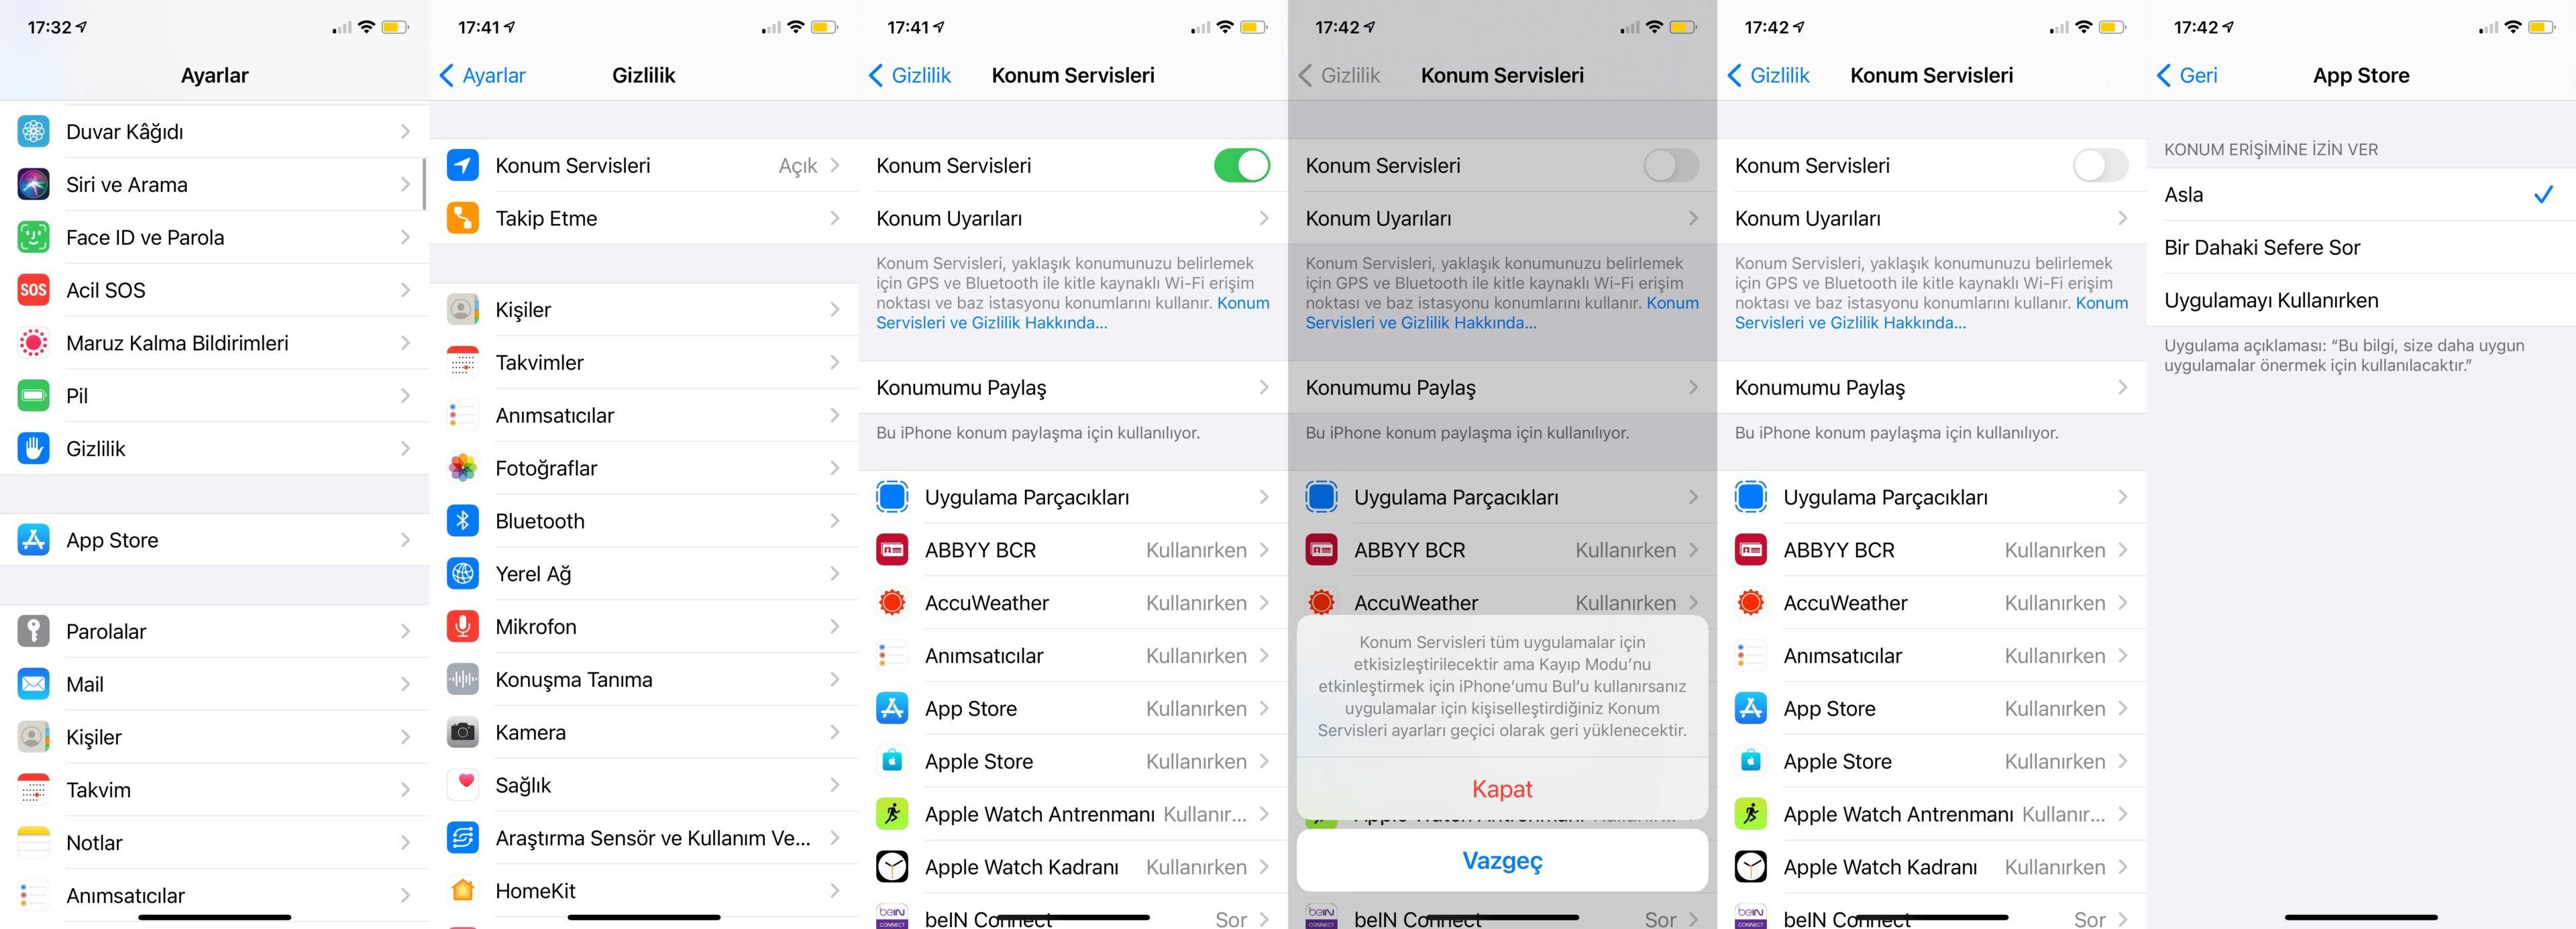 iphone konum servislerini kapatma